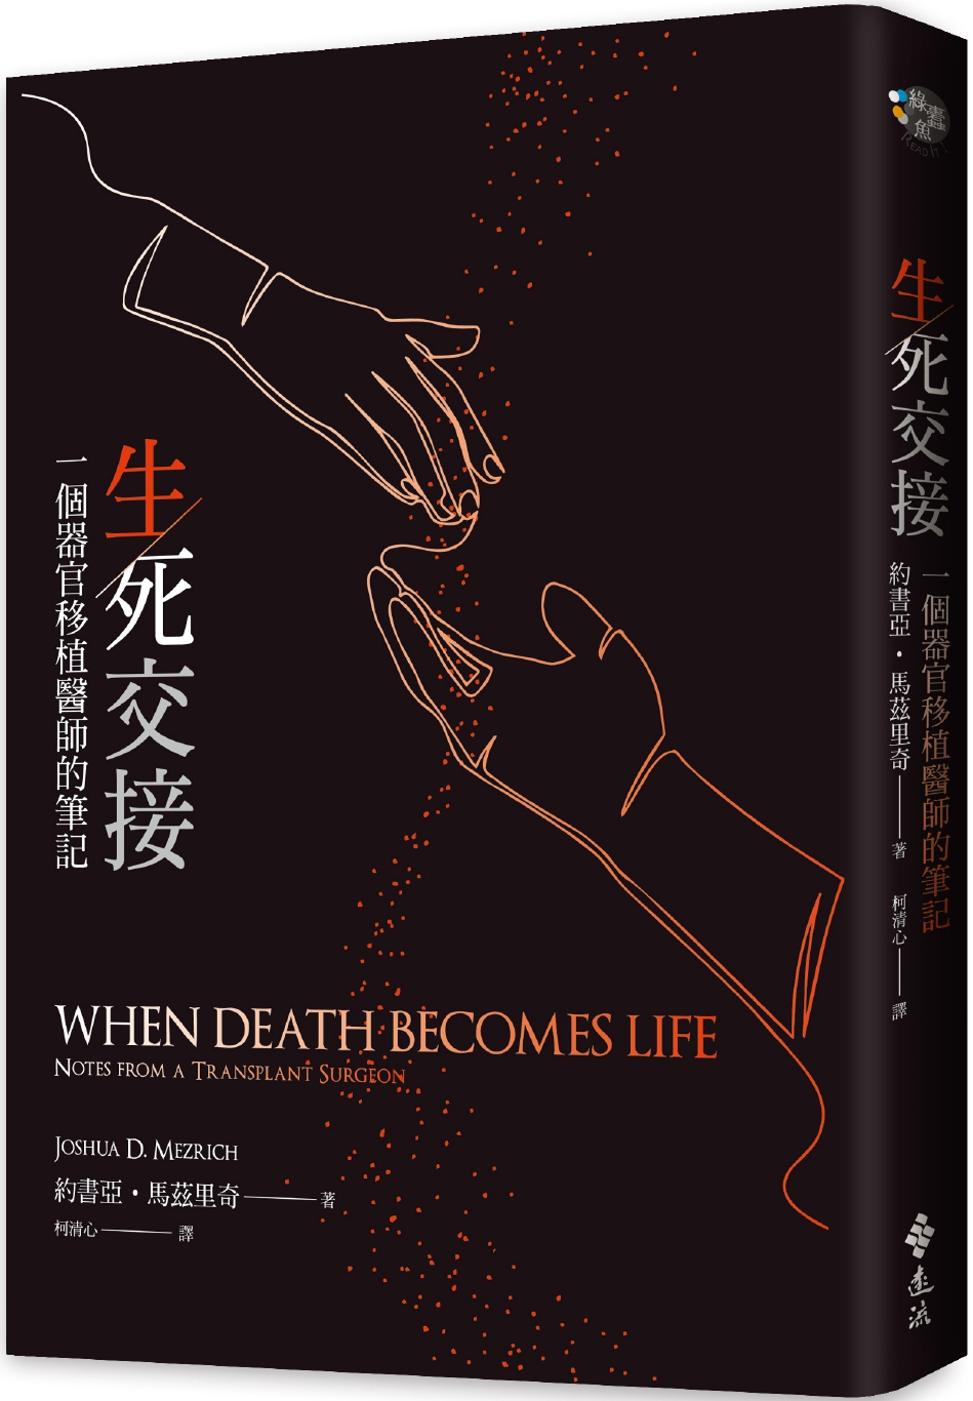 生死交接:一個器官移植醫師的筆記